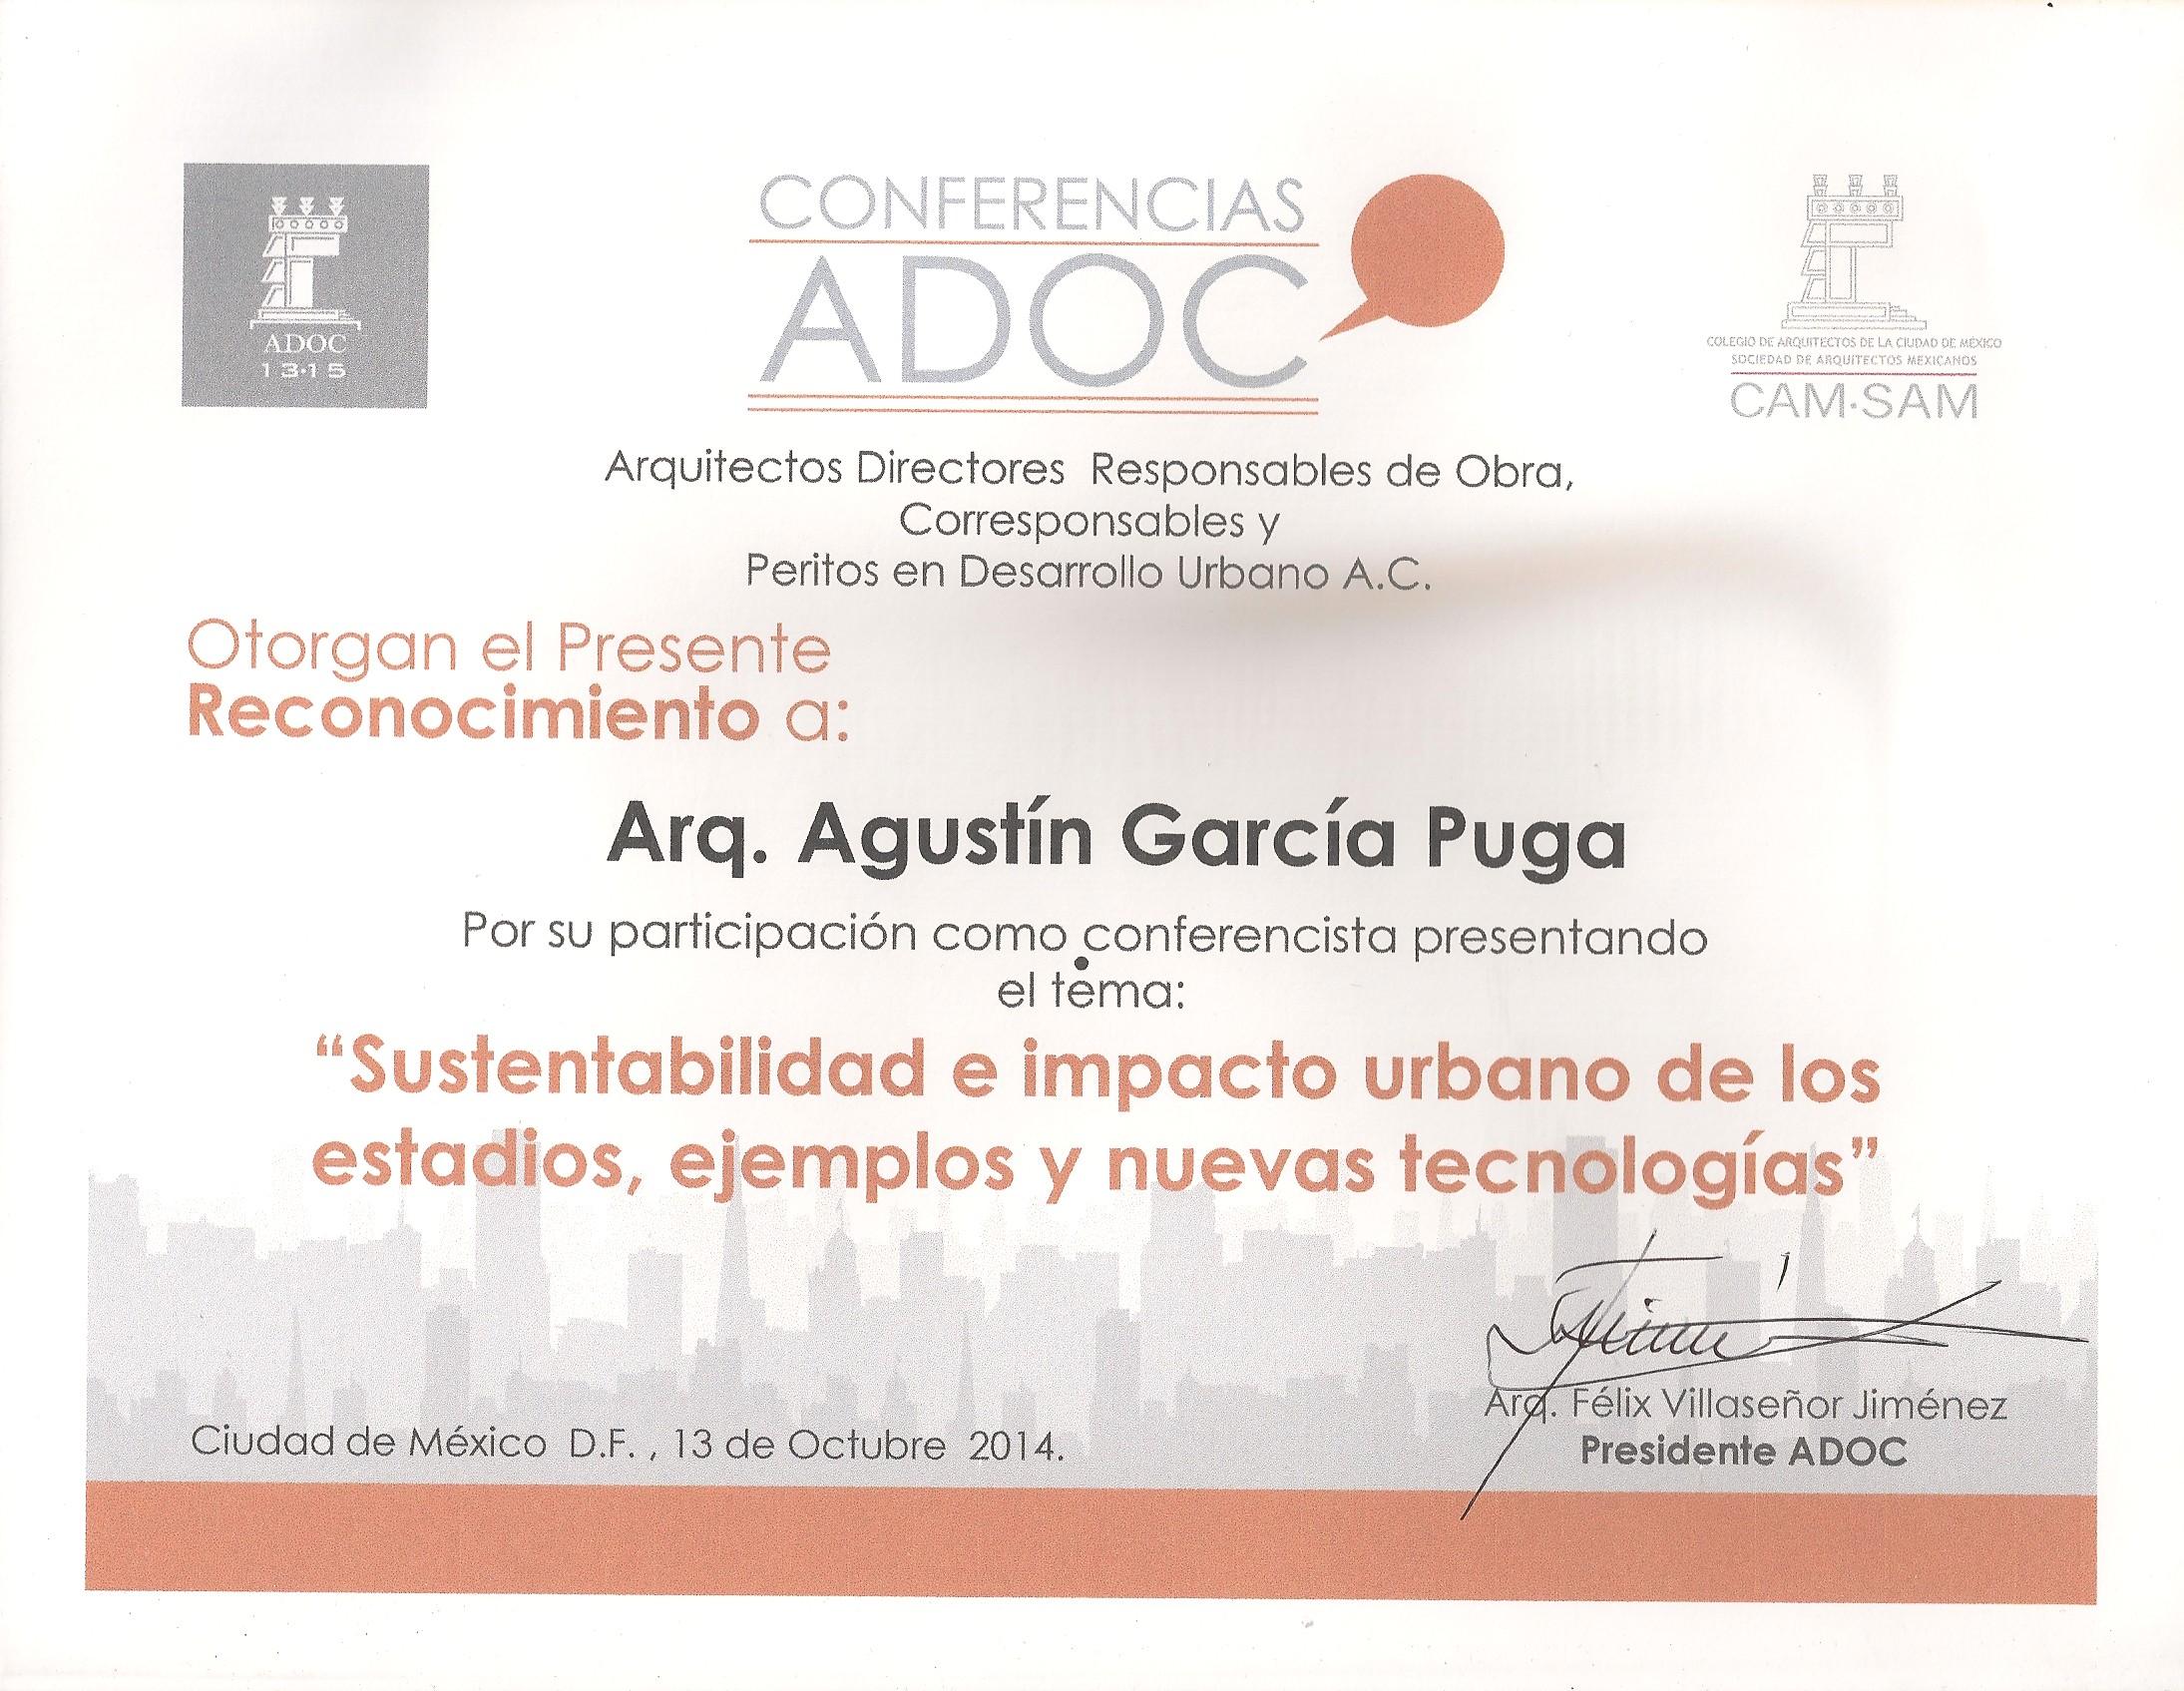 ADOC Mexico 2014